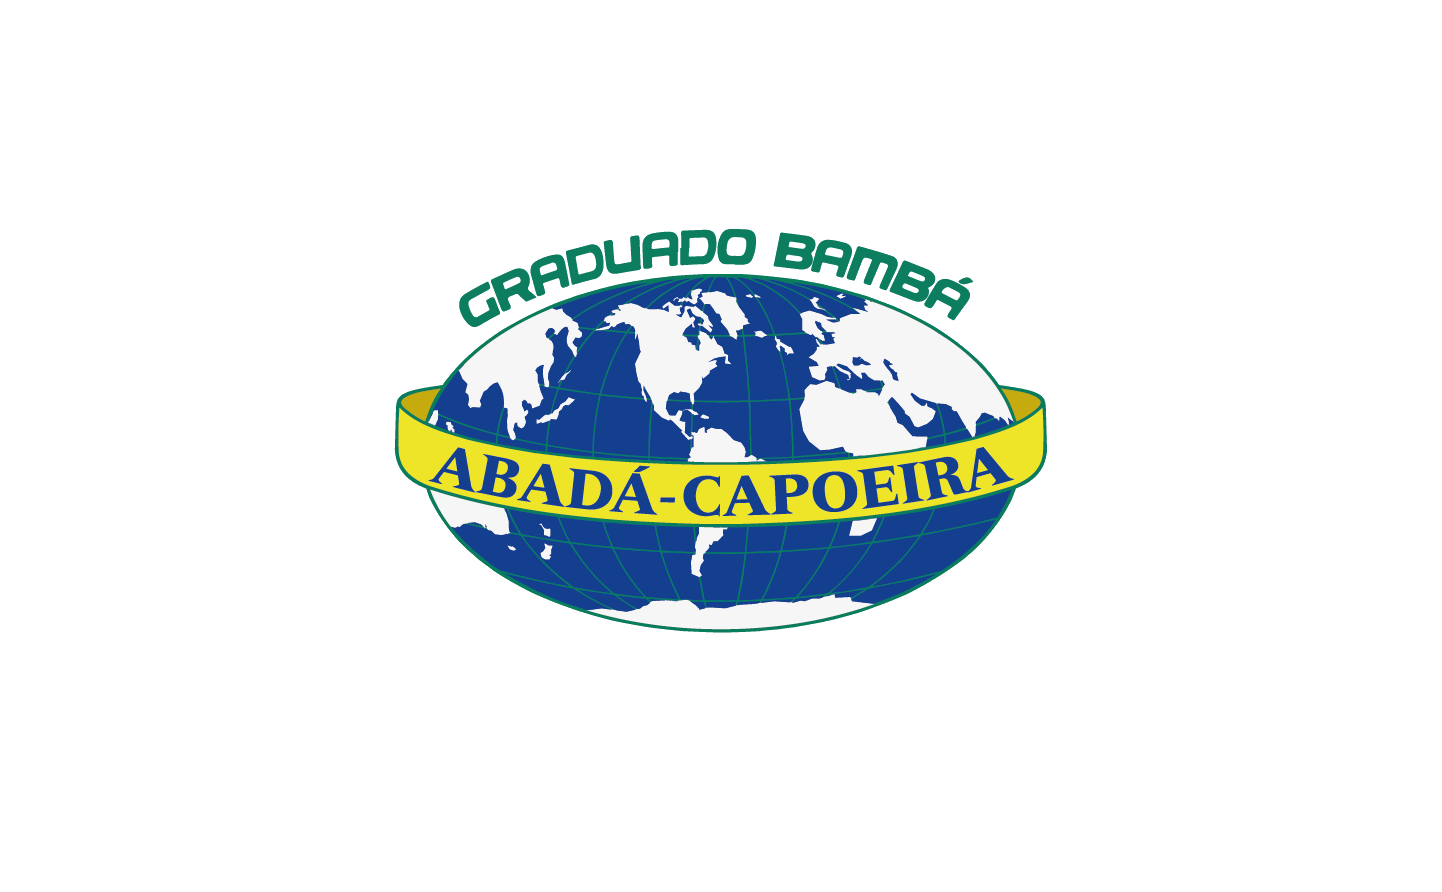 abada capoeira et Mestre Camisa